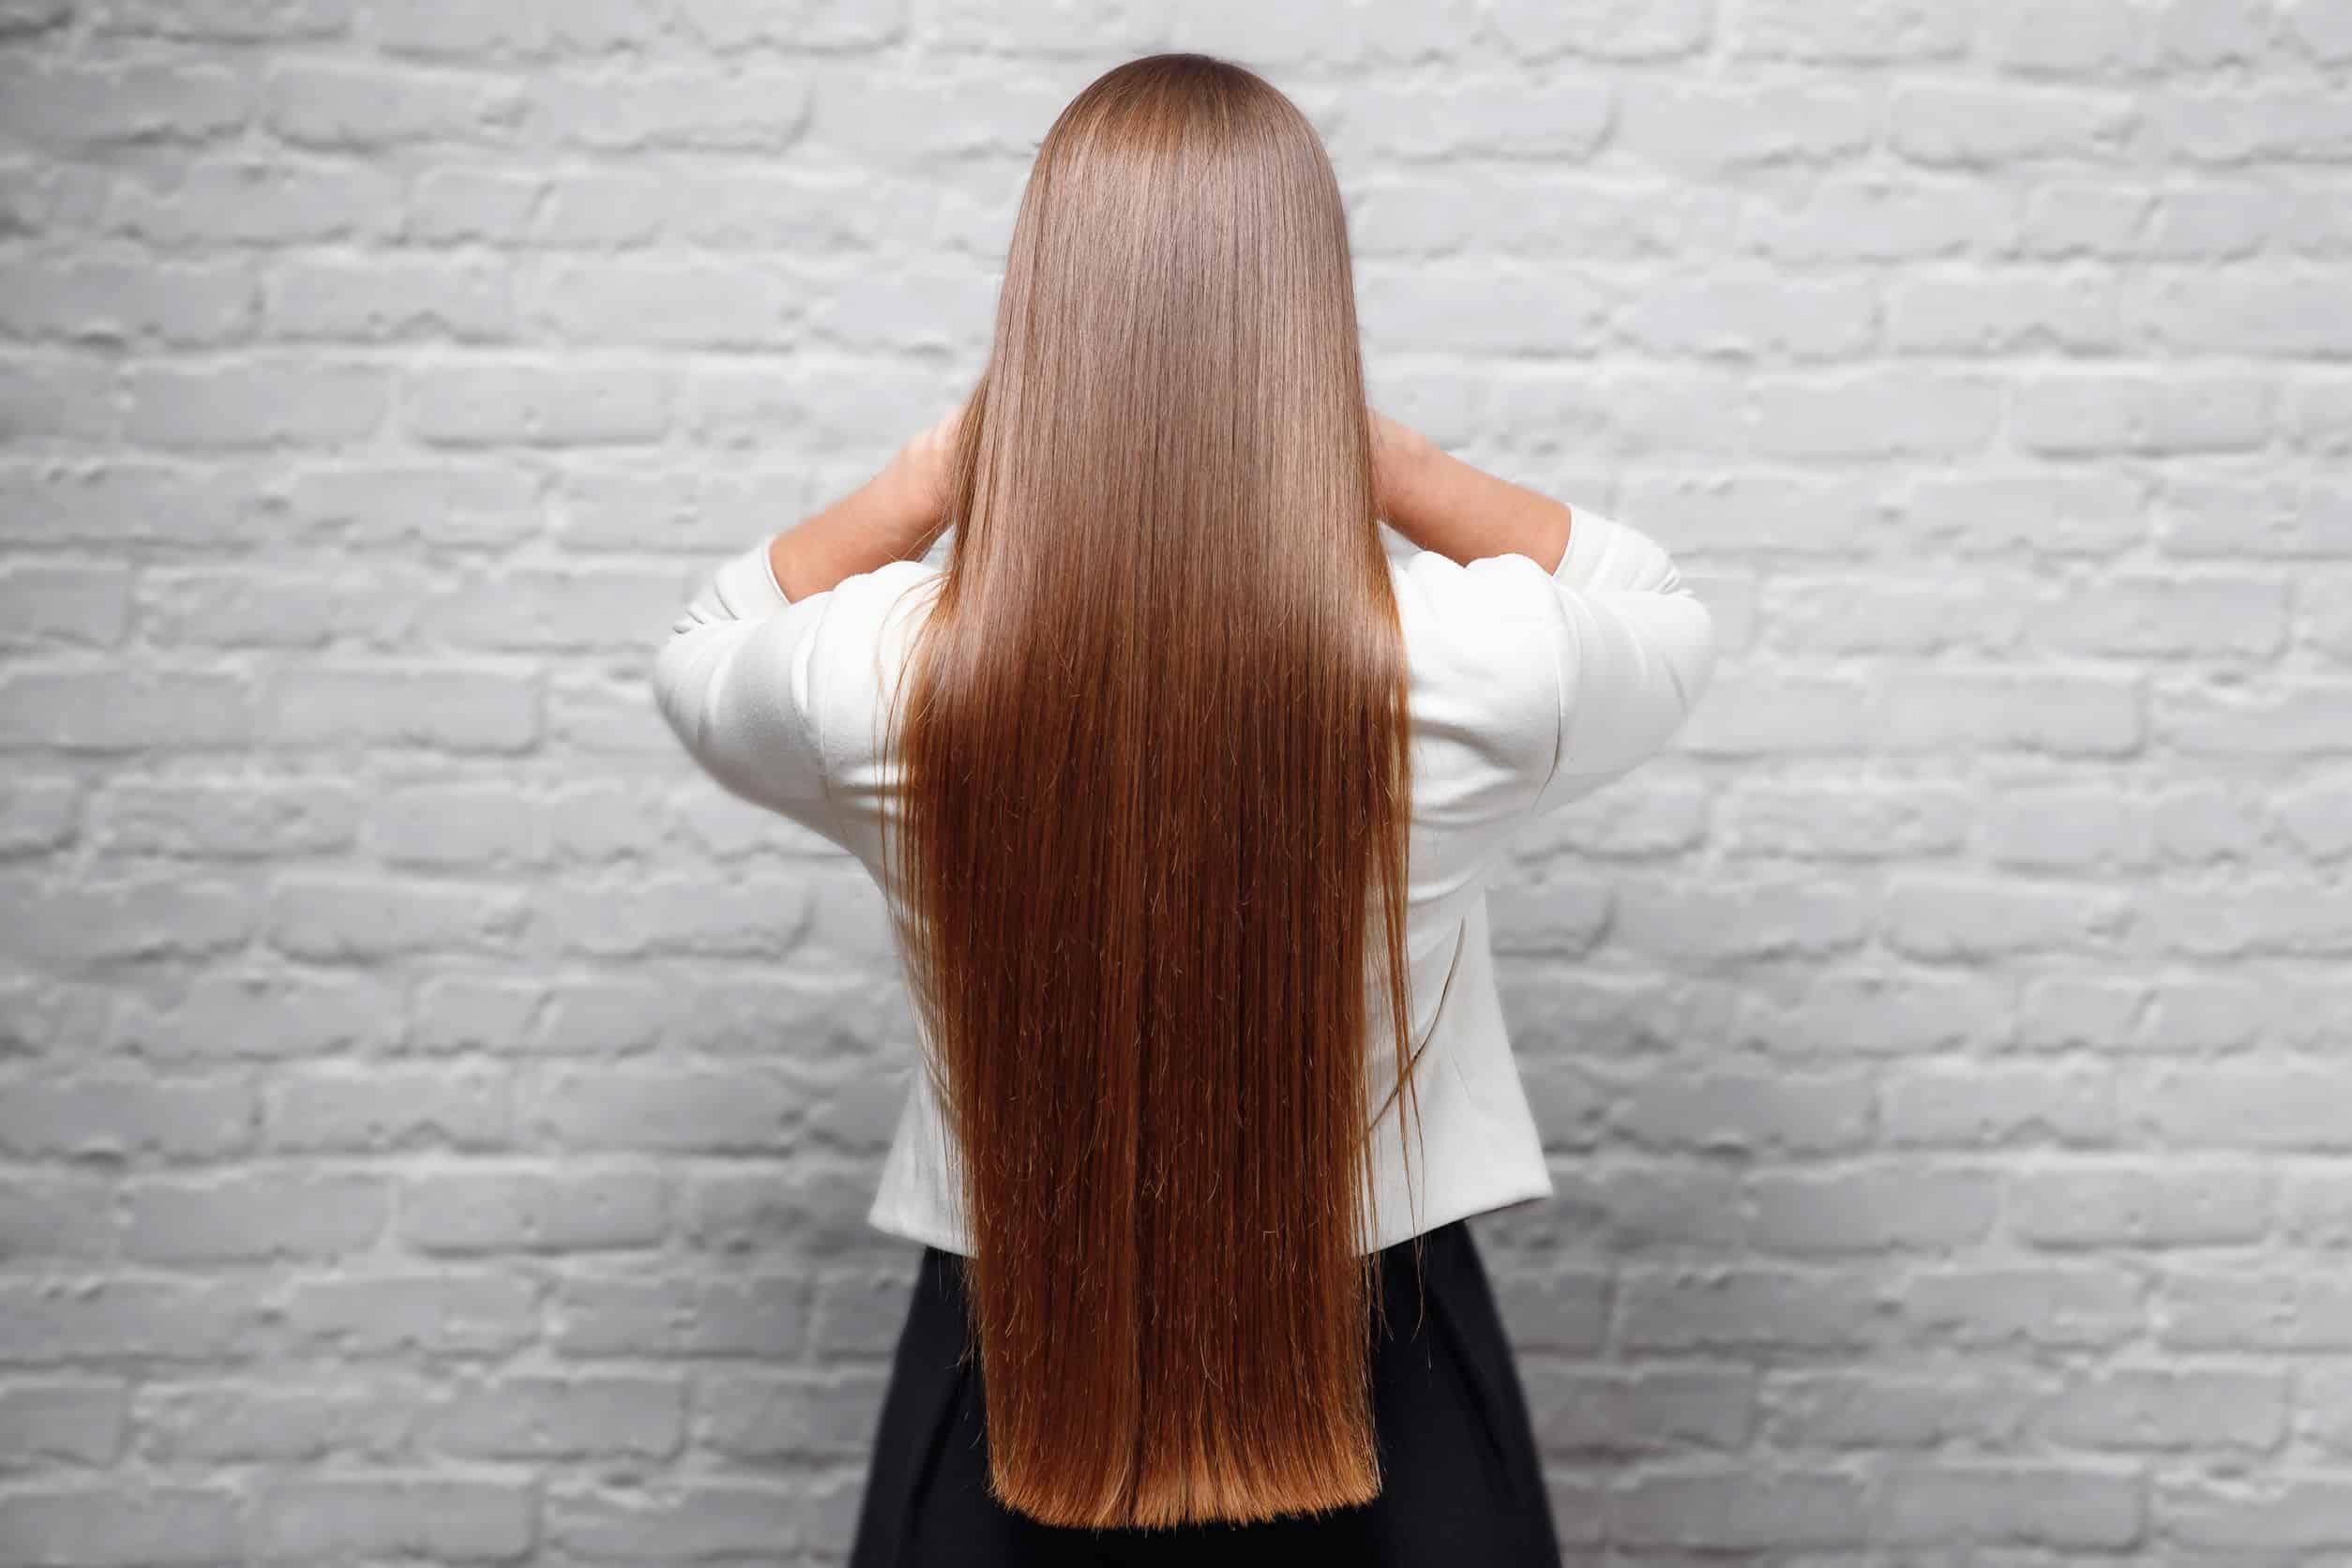 Extensiones de cabello natural: ¿Cuáles son las mejores del 2020?